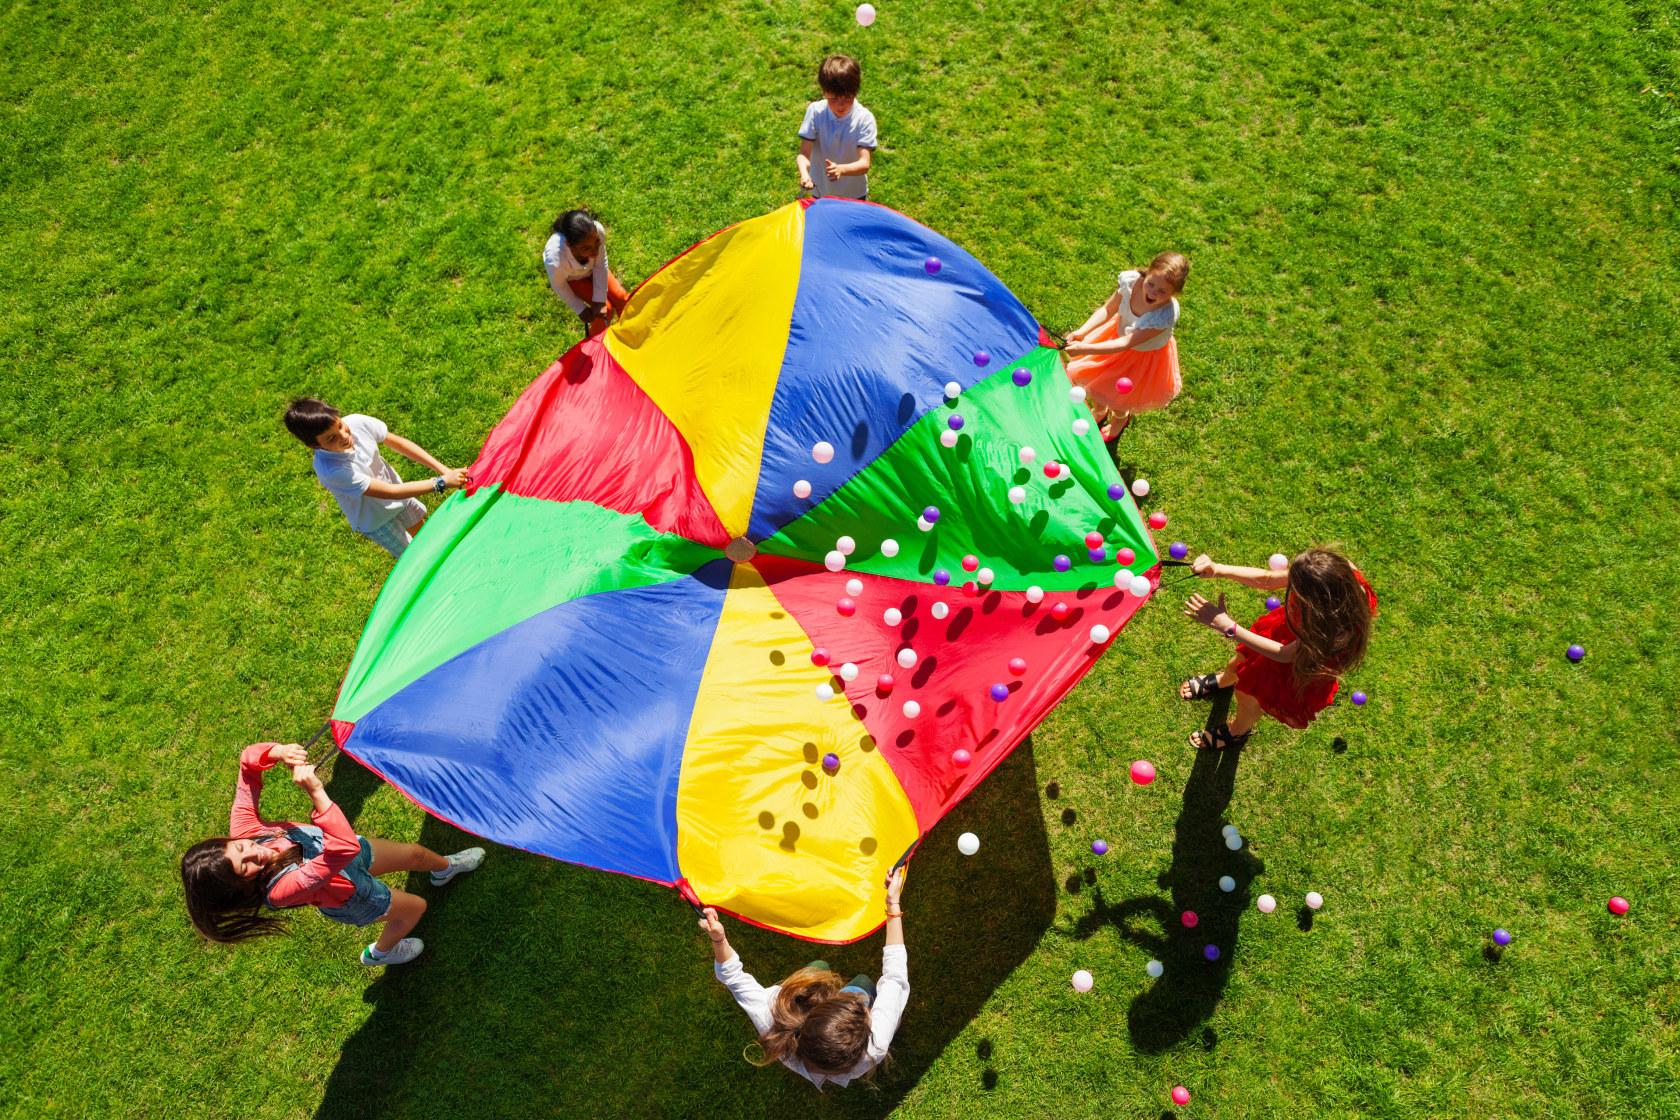 Camps de vacances - Profitez de votre temps libre pour vous amuser !